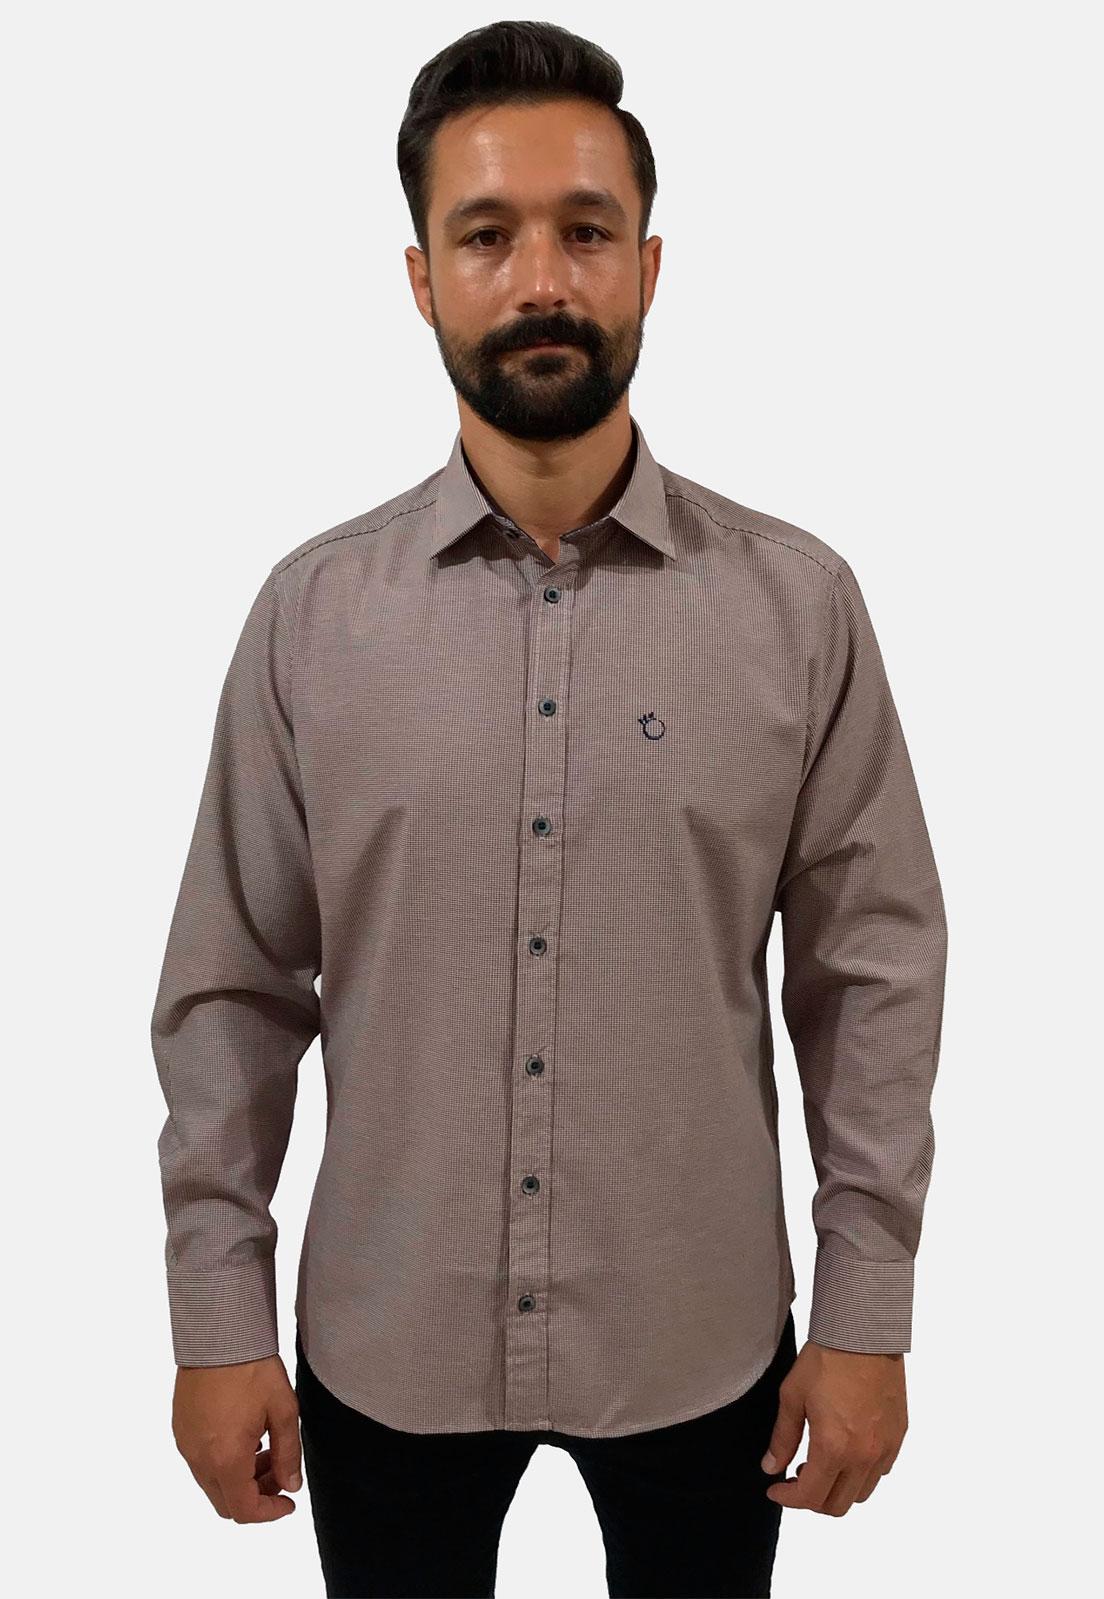 Camisa Social Masculina Slim Olimpo Xadrez Manga Longa